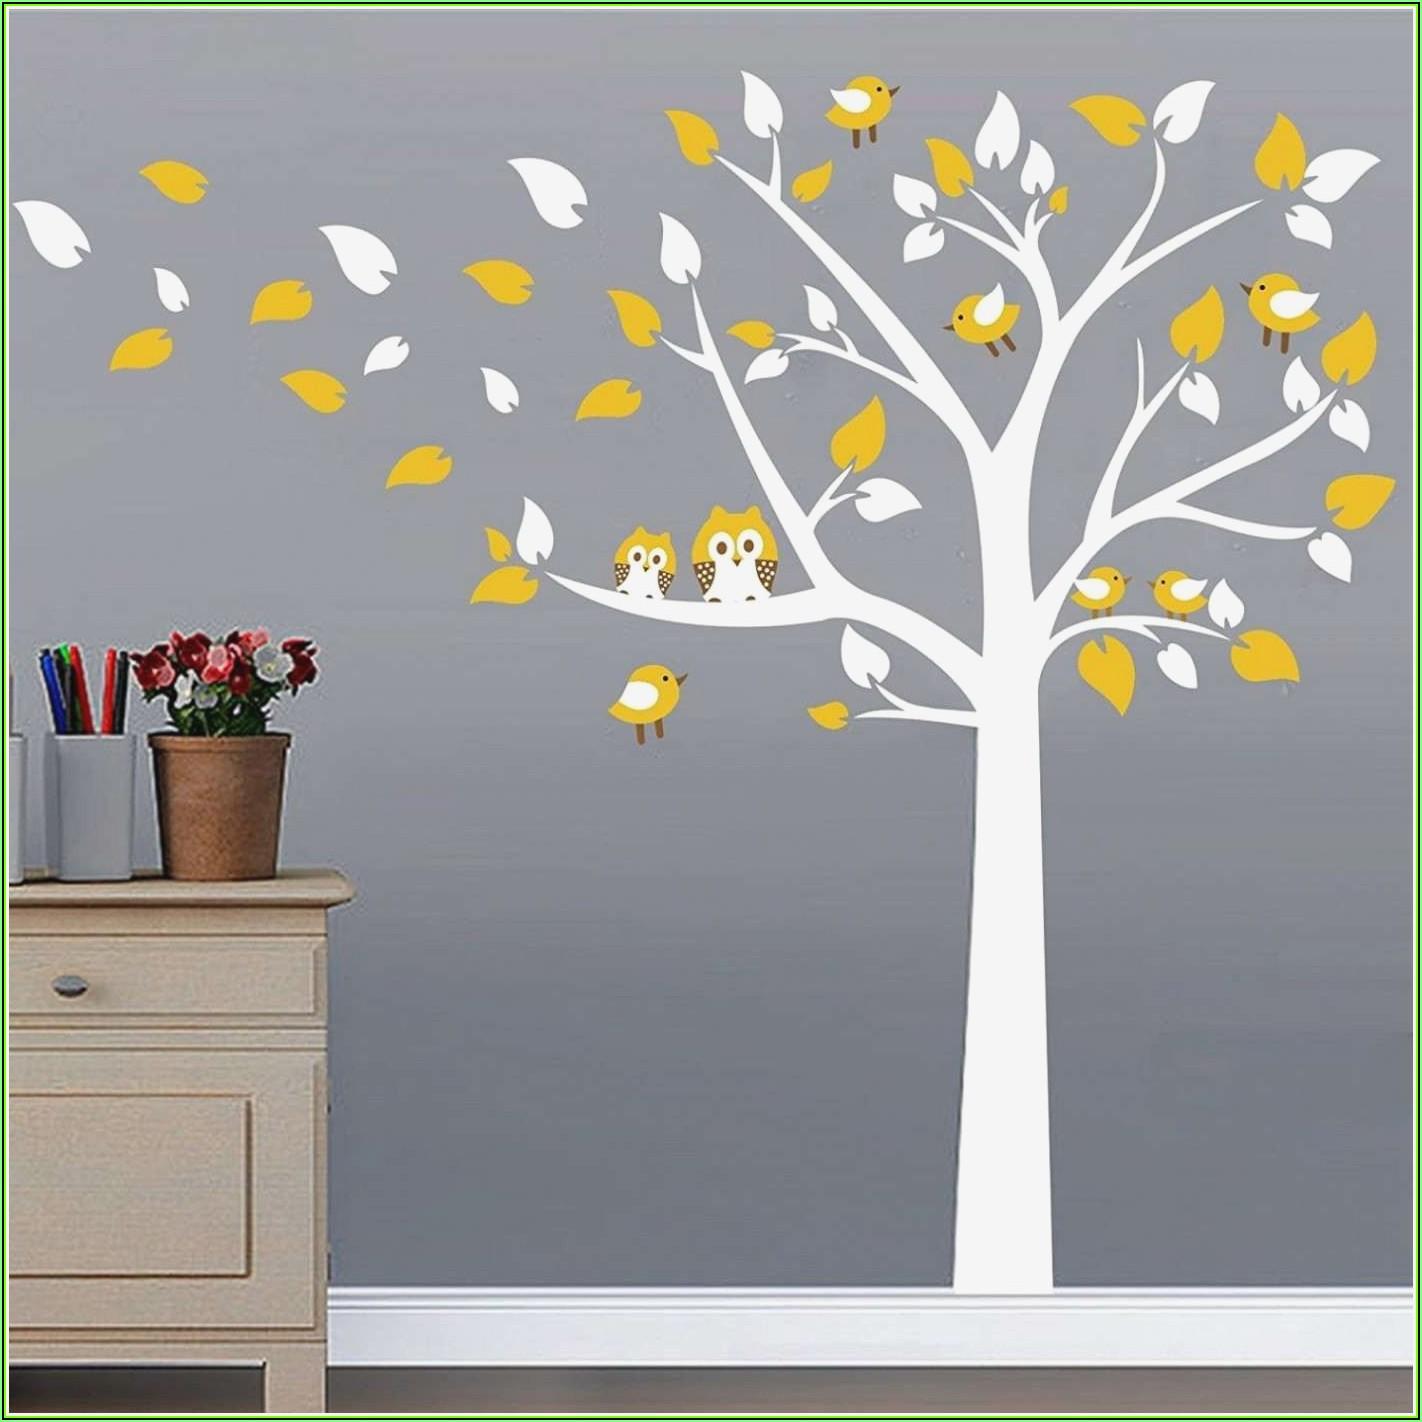 Wohnzimmer Bild Selber Malen